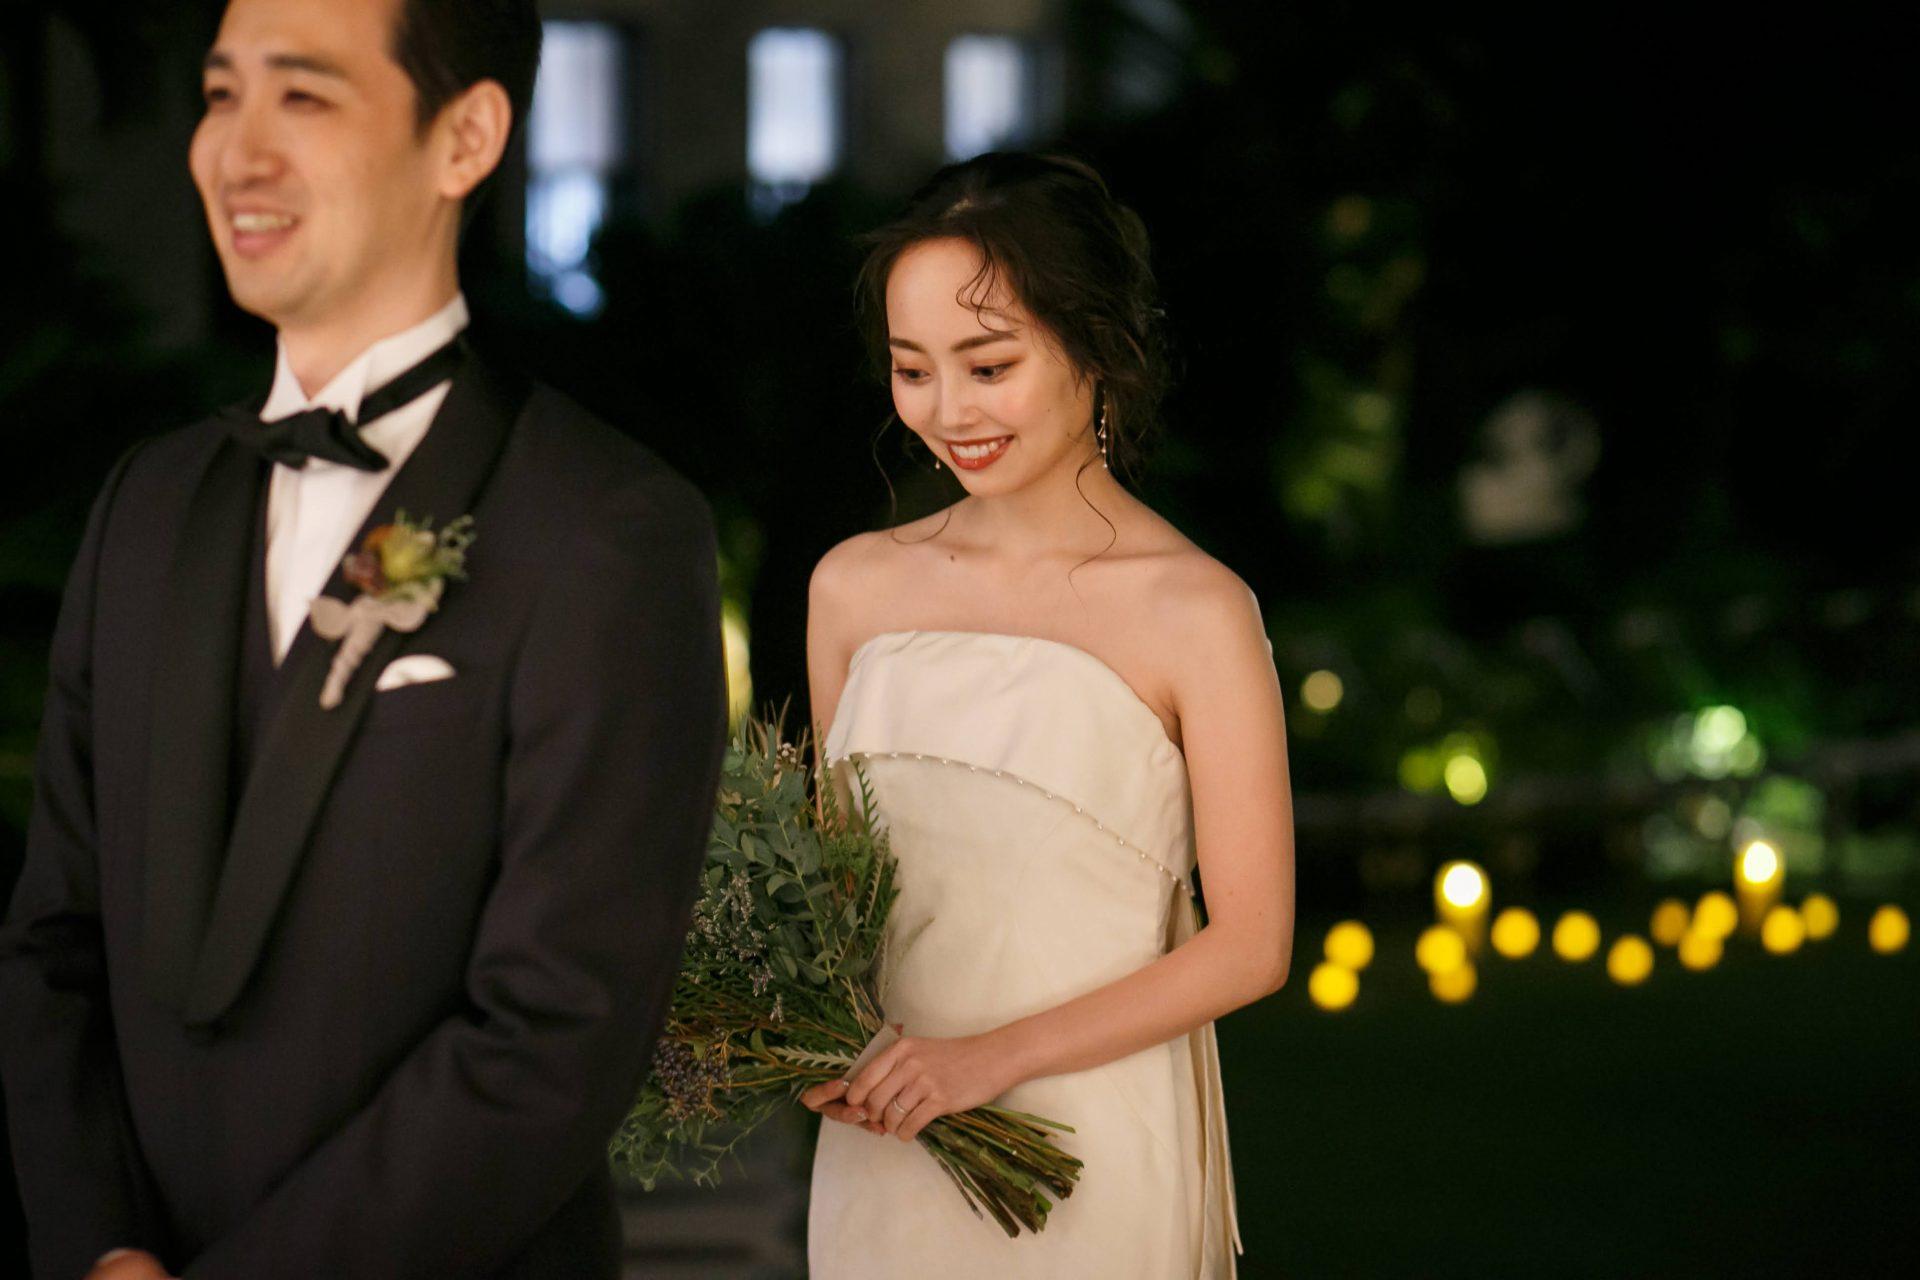 赤坂プリンスクラシックハウス内のガーデンスペースで行ったウェディングドレス姿のファーストミートは、キャンドルの暖かい光に包まれたロマンティックな雰囲気の中で行われ、ナイトウェディングらしさを演出することが出来ました